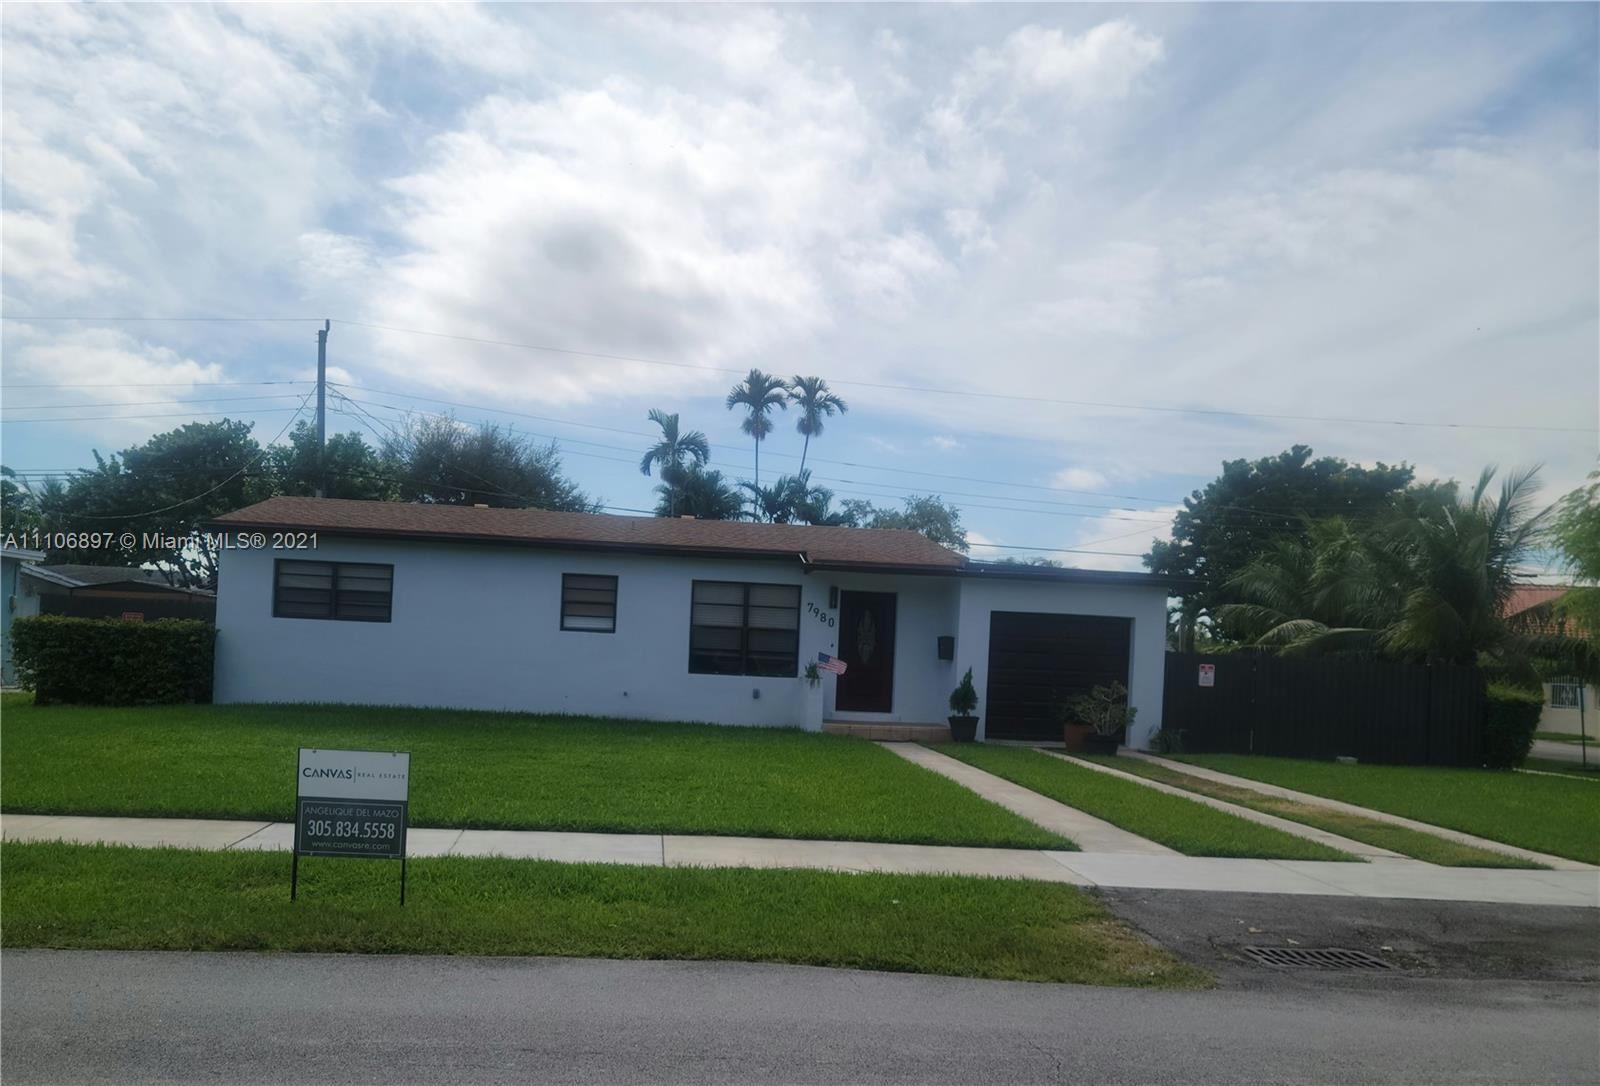 7980 SW 36th St, Miami, FL 33155 - #: A11106897